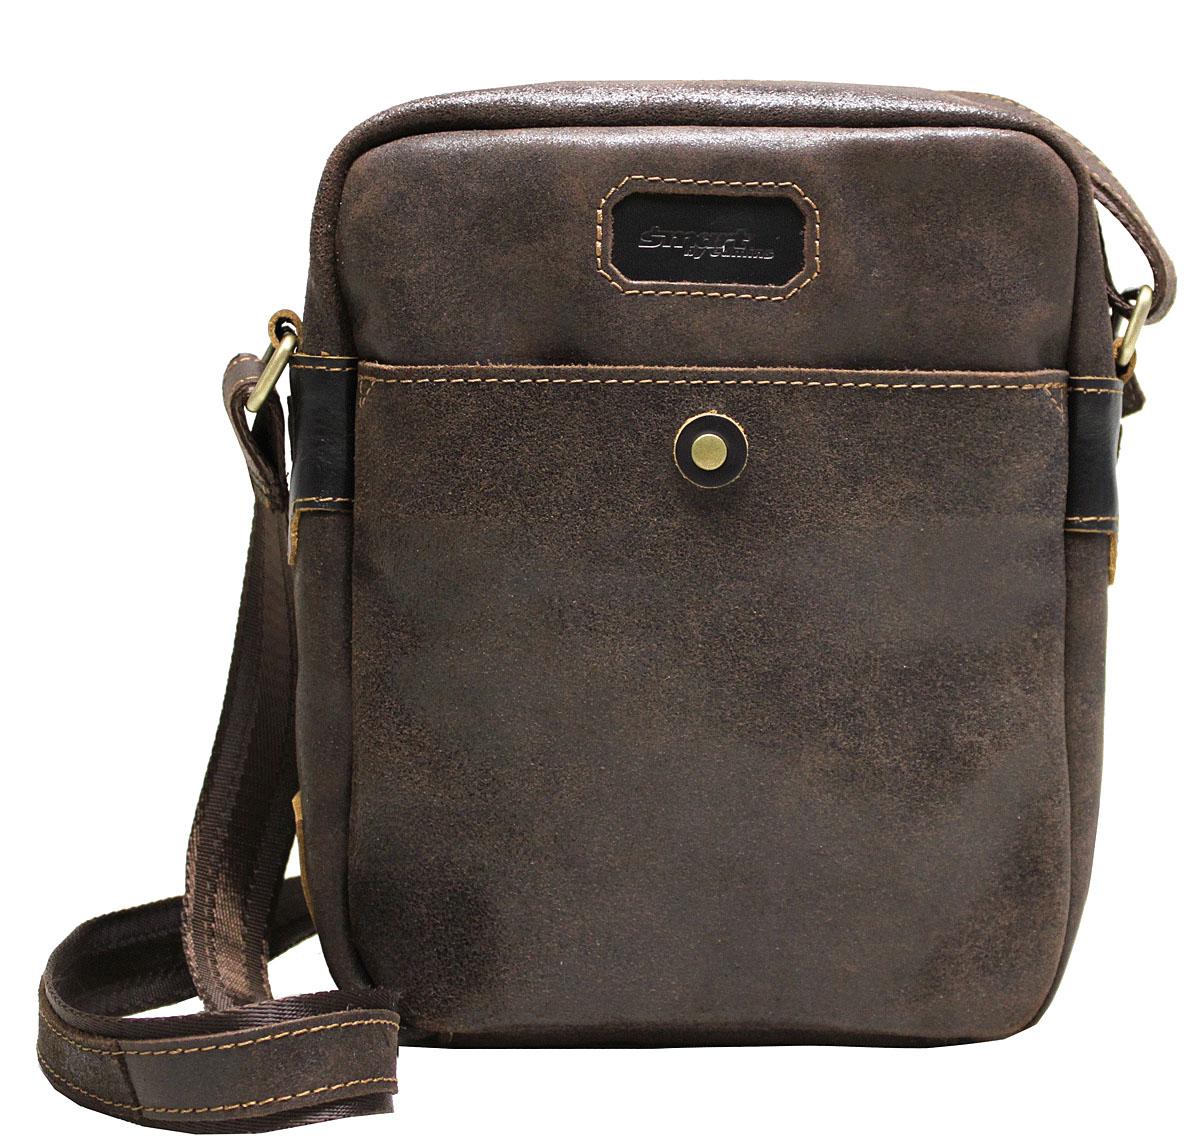 Сумка-планшет мужская Edmins Smart by Edmins, цвет: коричневый. 14С656КЗ73298с-1Мужская сумка Edmins имеет одно отделение, закрывающееся на застежку-молнию. Оснащена регулируемым плечевым ремнем. C тыльной стороны сумки расположен прорезной карман на застежке-молнии. С передней стороны имеется накладной карман.